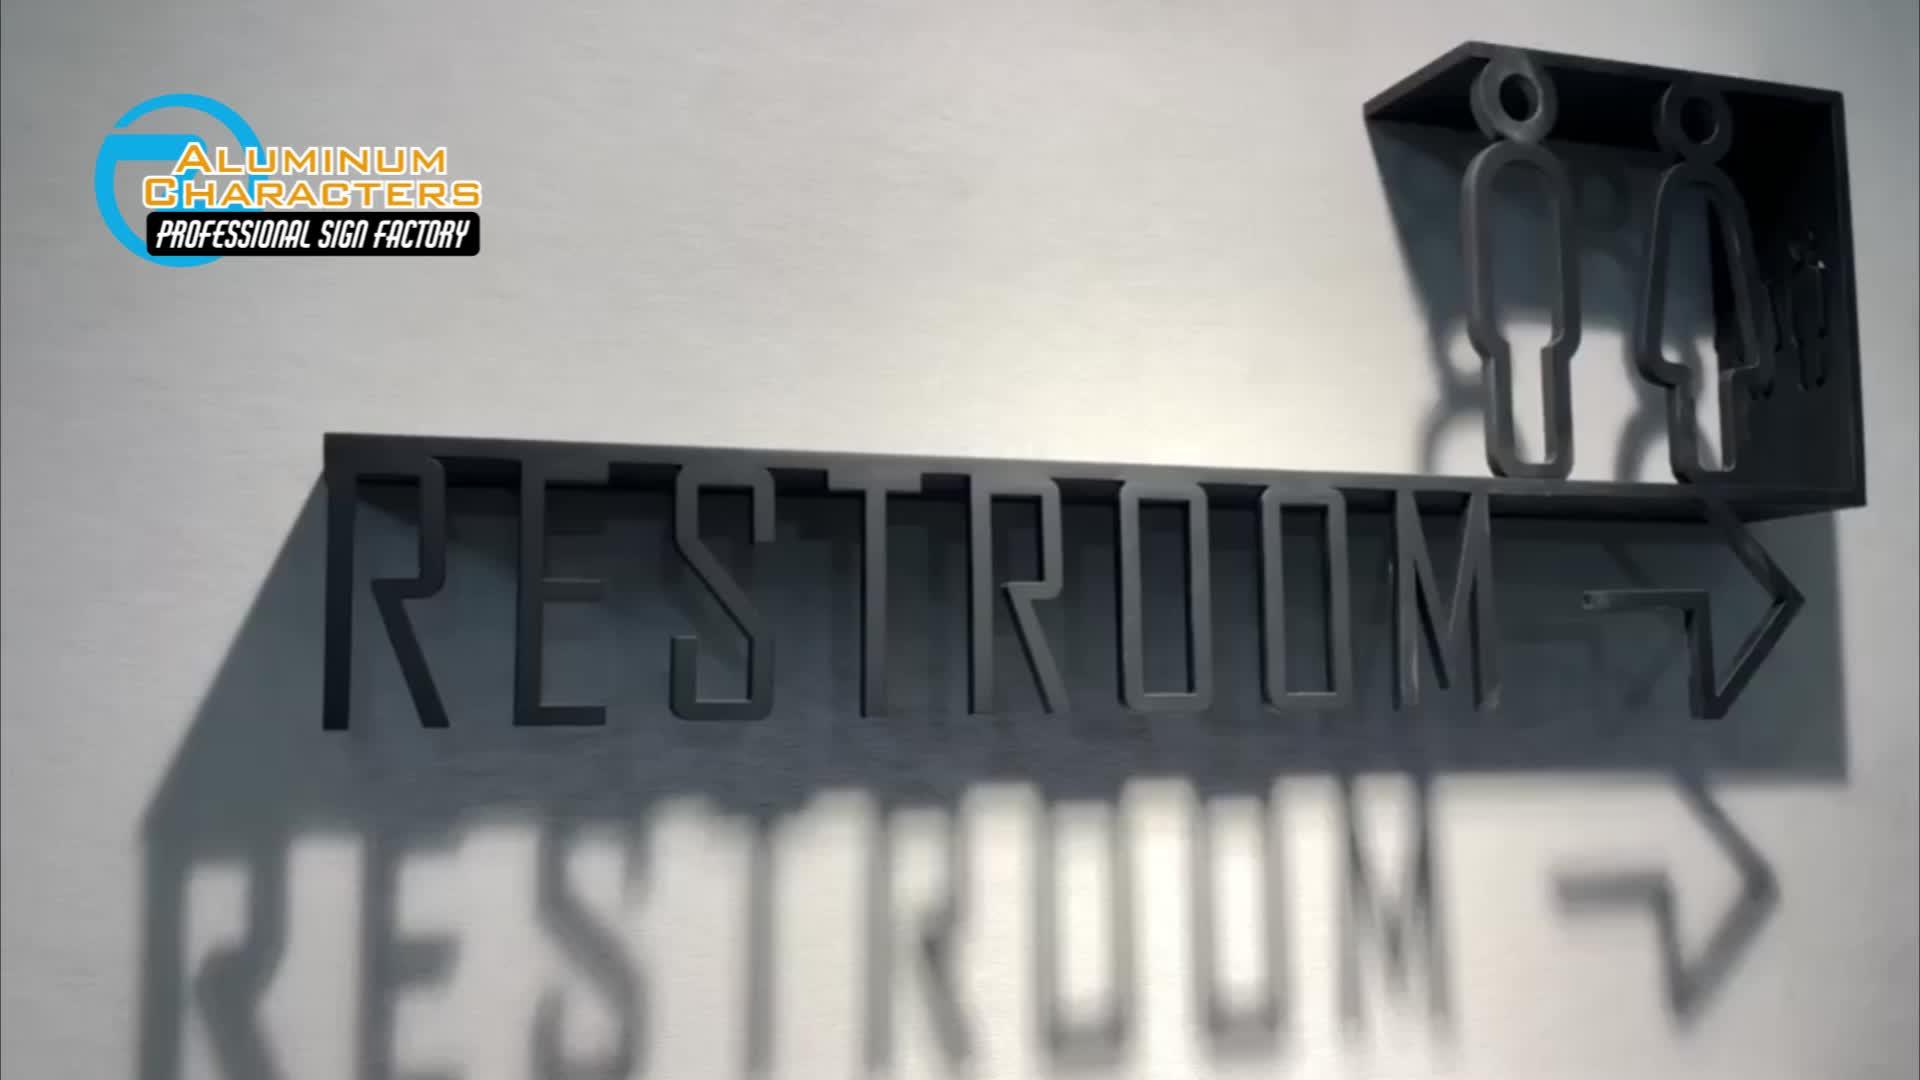 Ficar na parede de corte a laser 3d sólidos black titanium aço inoxidável wc sinal placa de metal do sexo masculino e feminino